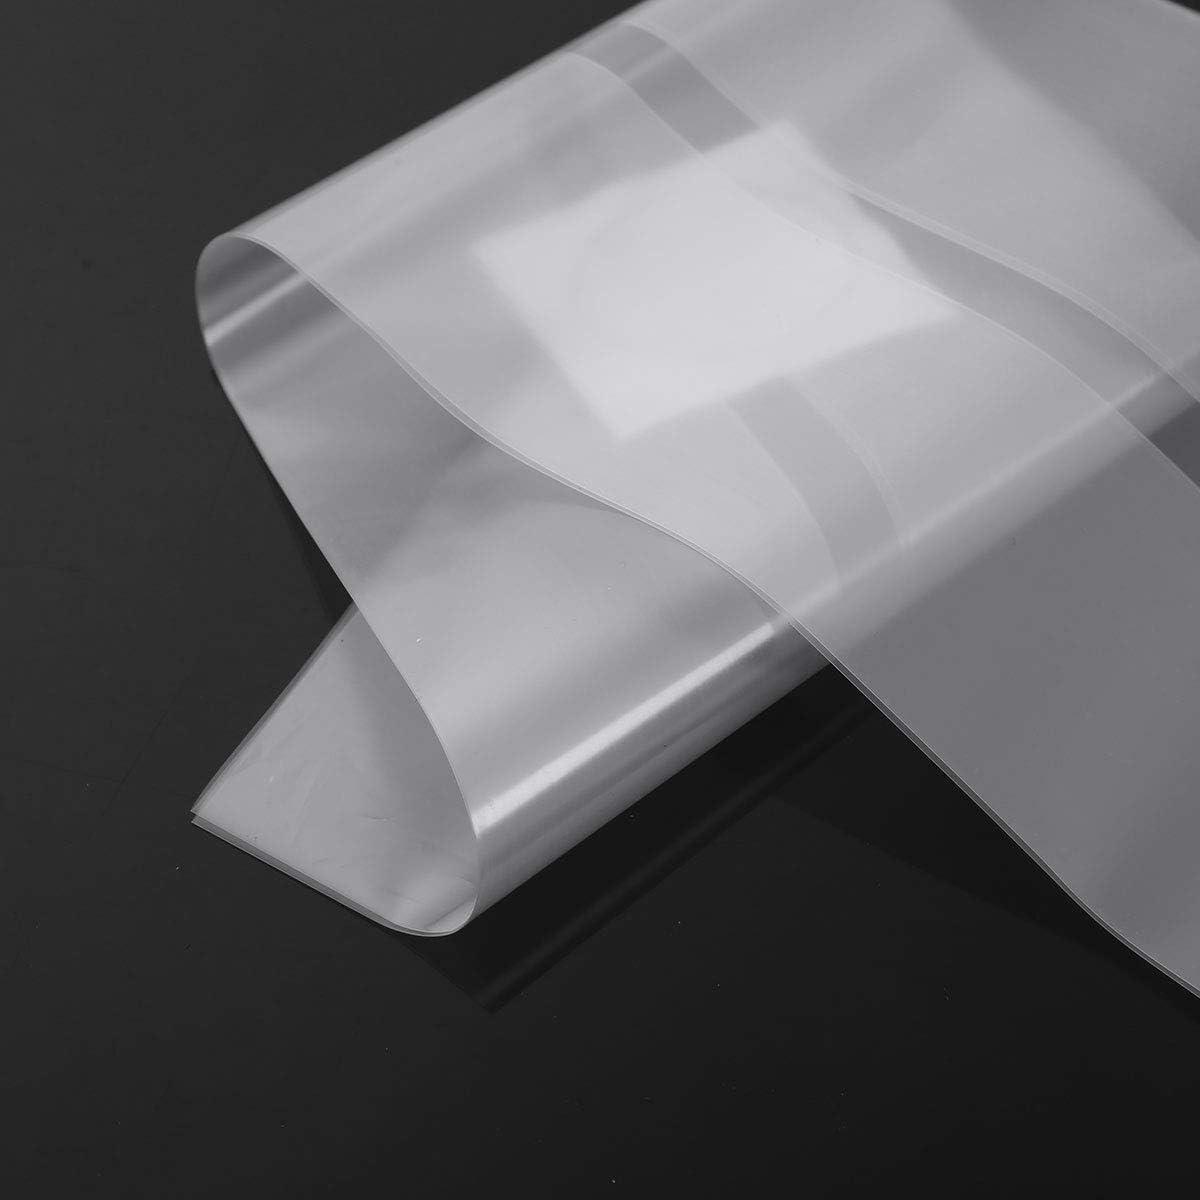 Bolsas de cultivo de hongos 10 unidades, polipropileno Size B Transparente 5.1 x 20.0 Inhzoy color transparente